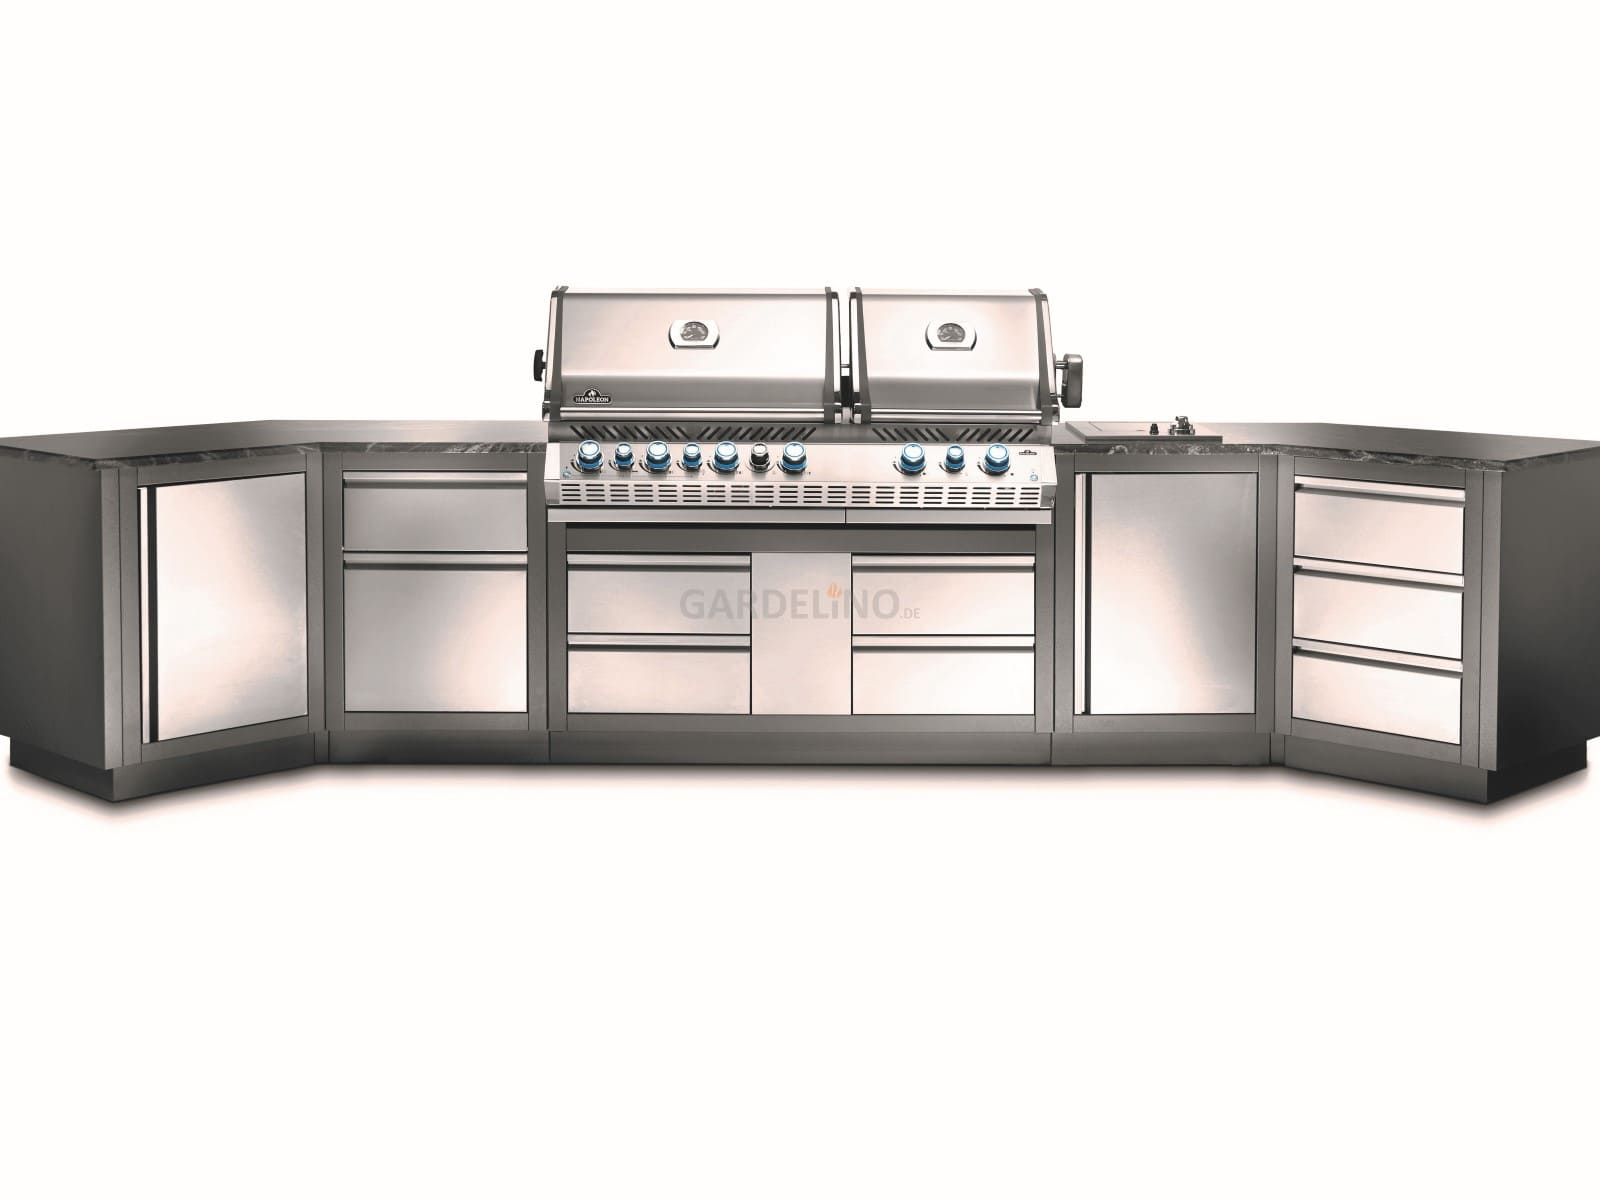 Napoleon Outdoor Küche Preis : Napoleon grill shop bei gardelino